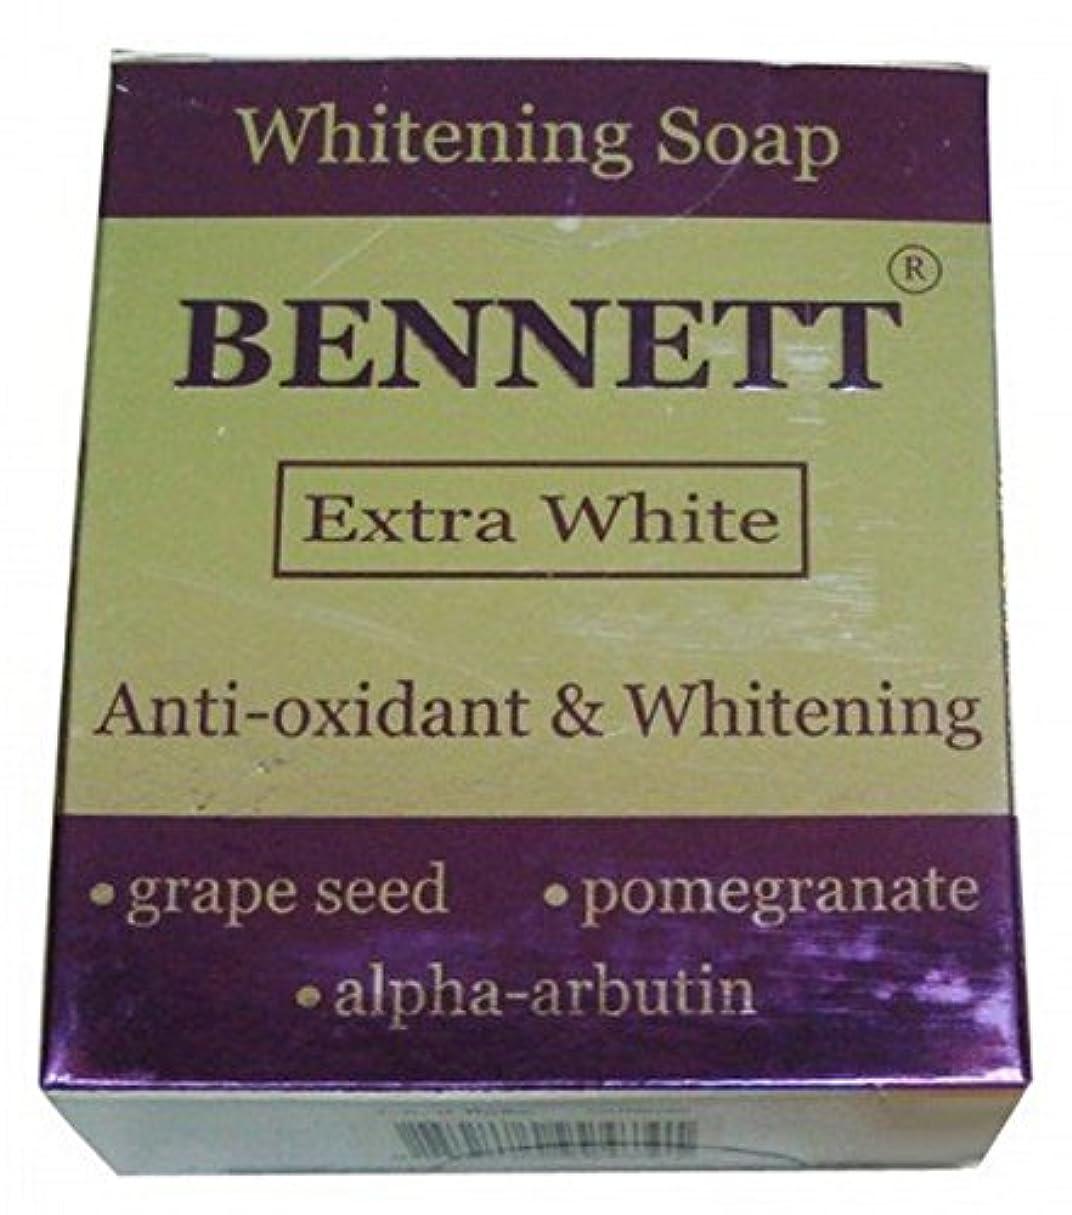 支援するバズええ新しいBennett Extraホワイトanti-oxidantアルファアルブチンExtreme Whitening Soap 130 g / 4.6oz